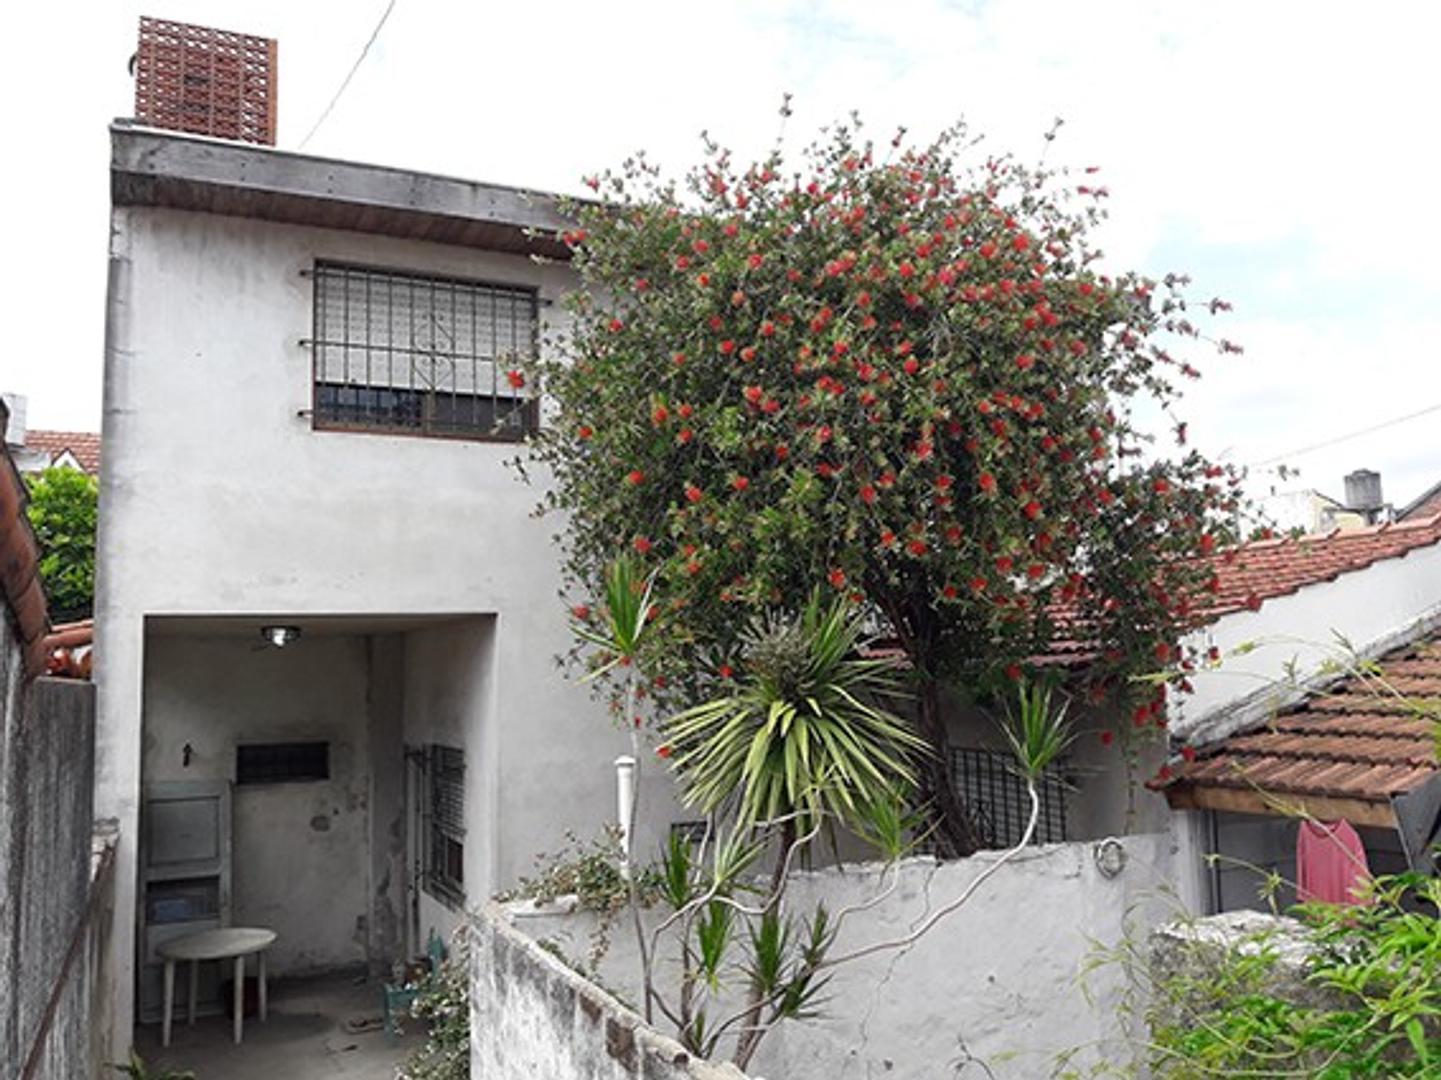 Ph ,5 amb en dos plantas ,110 cubiertos con patio, terraza ,muy buena zona residencial .FloridaOeste